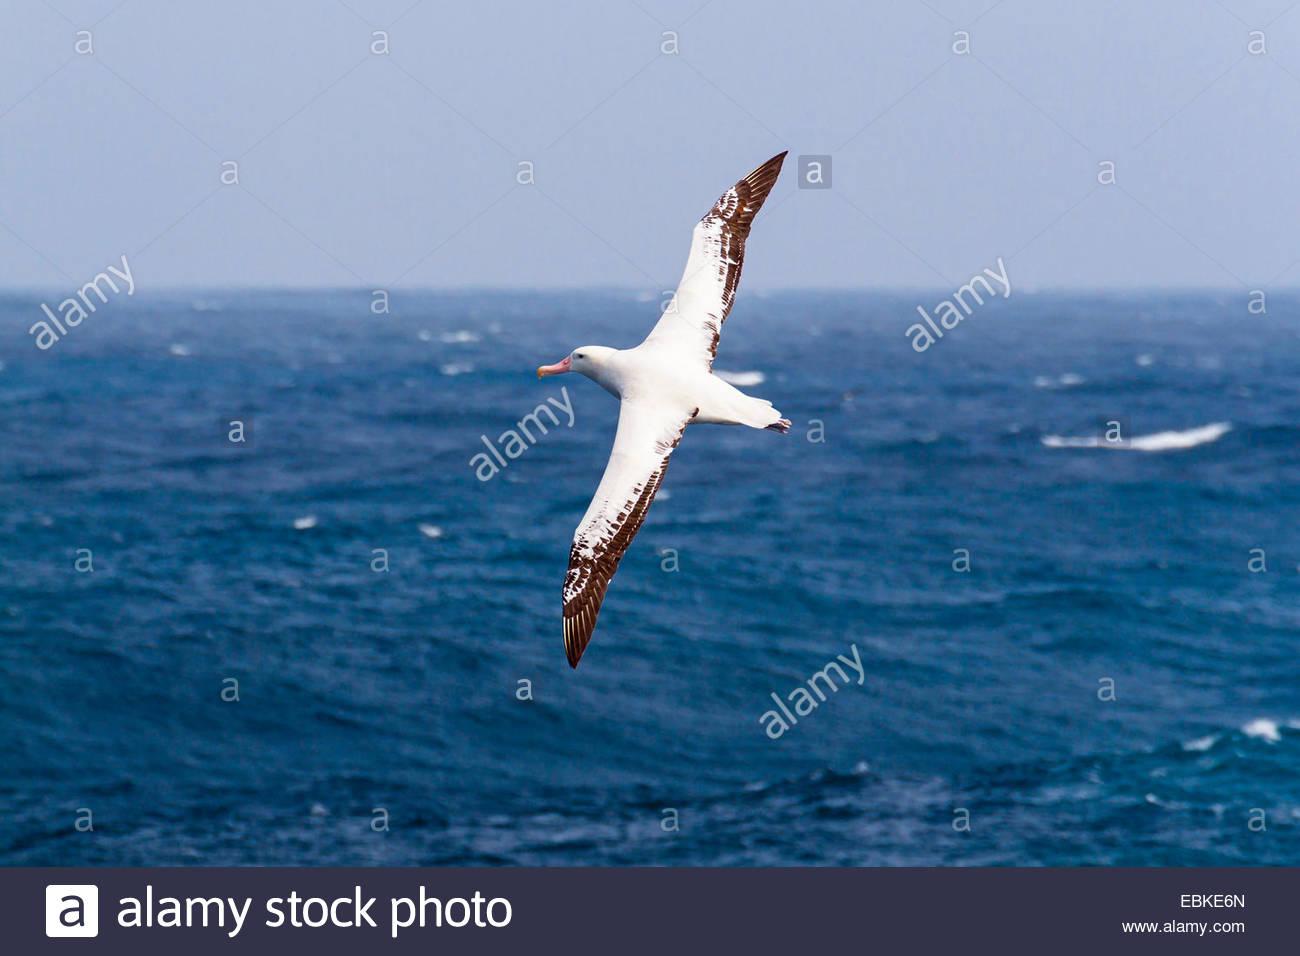 wandering albatros (Diomedea exulans), flying, Antarctica - Stock Image